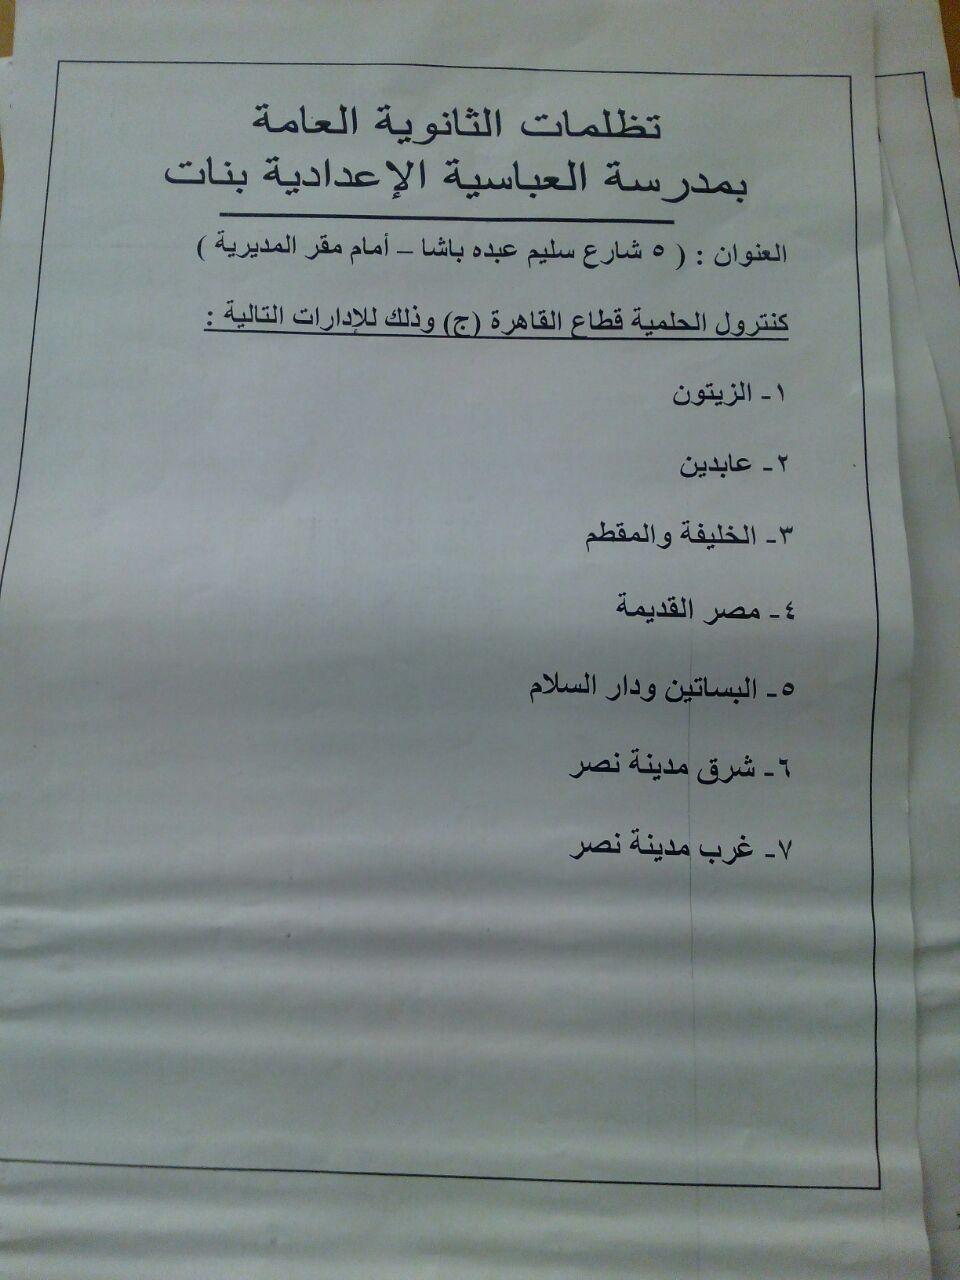 أماكن تقديم تظلمات الثانوية العامة بالقاهرة